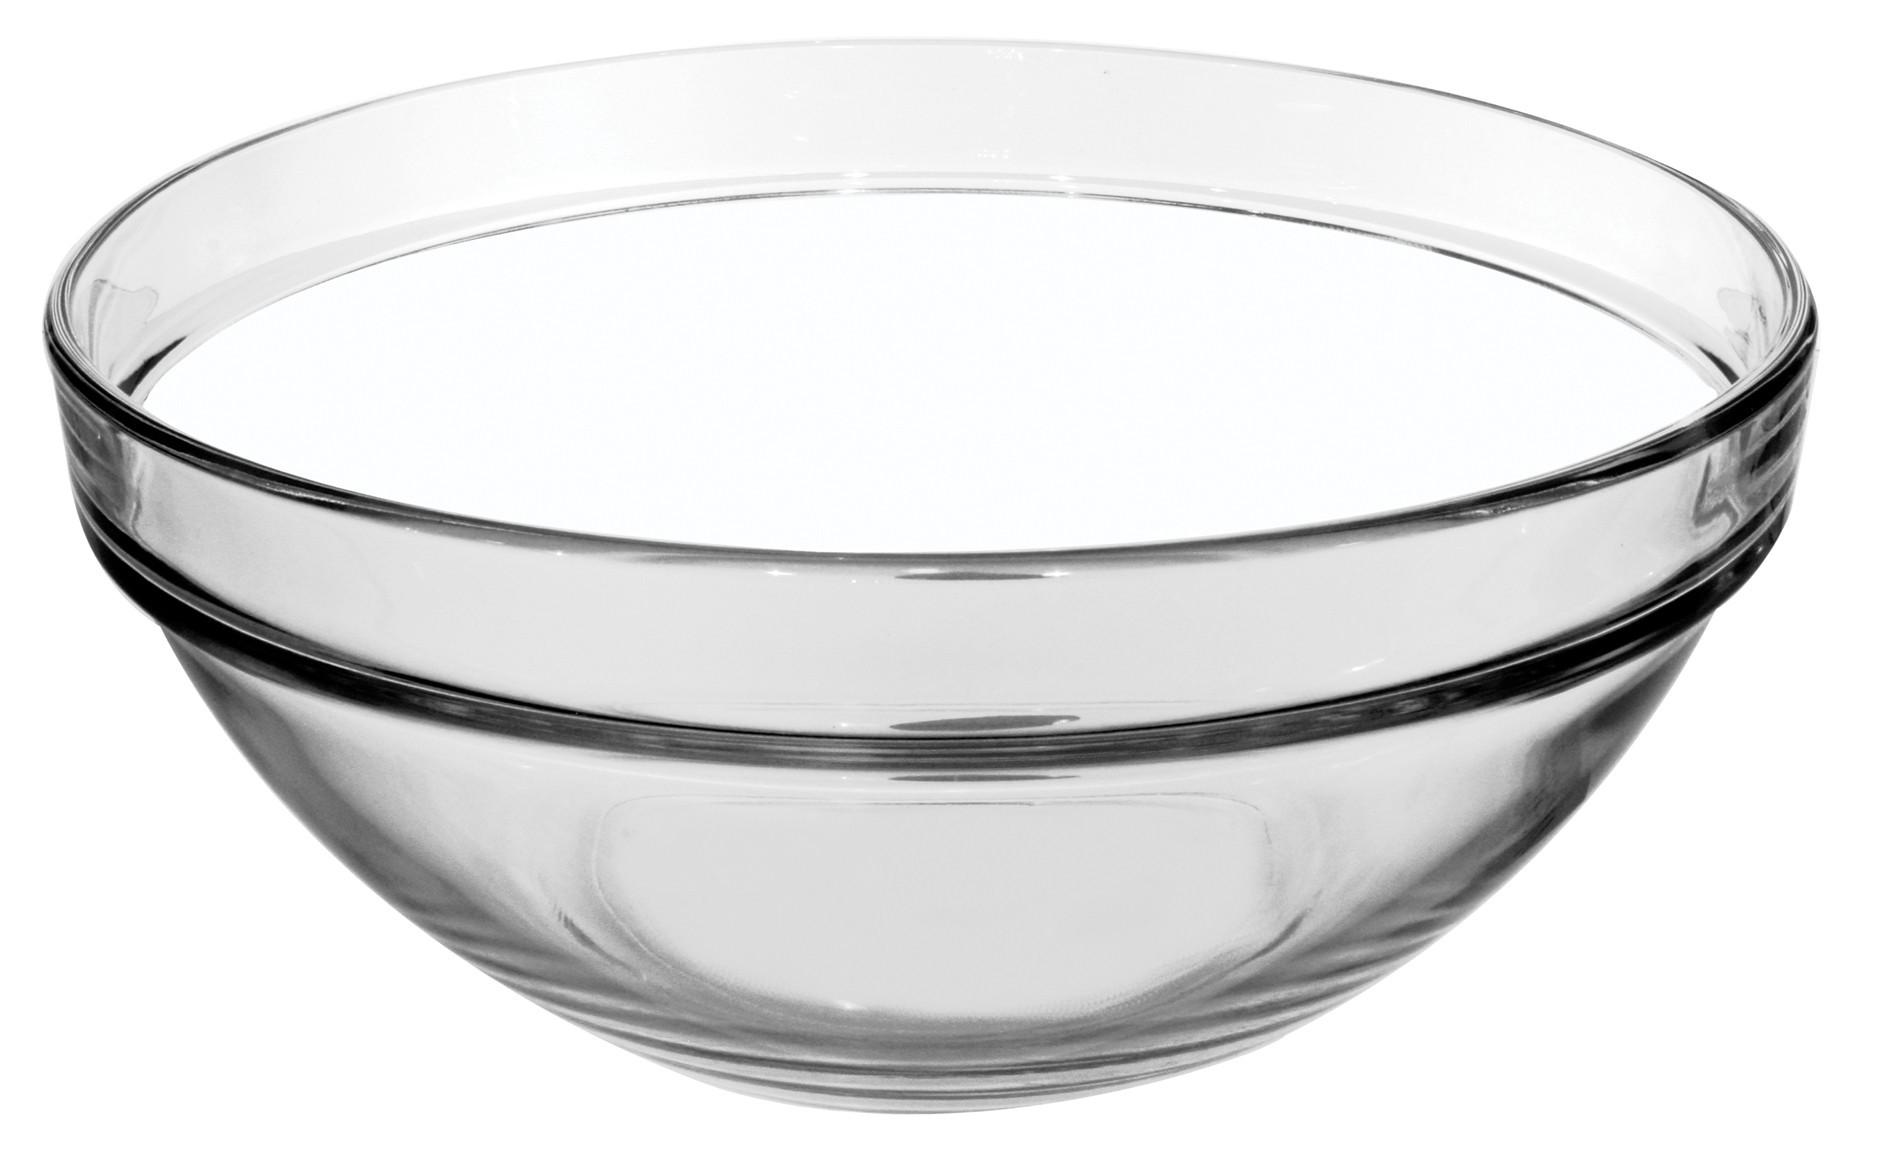 μπωλ γυάλινο pasabahse σερβιρίσματος - ανάμιξης chef 23cm home   ειδη σερβιρισματος   μπολ   σαλατιέρες